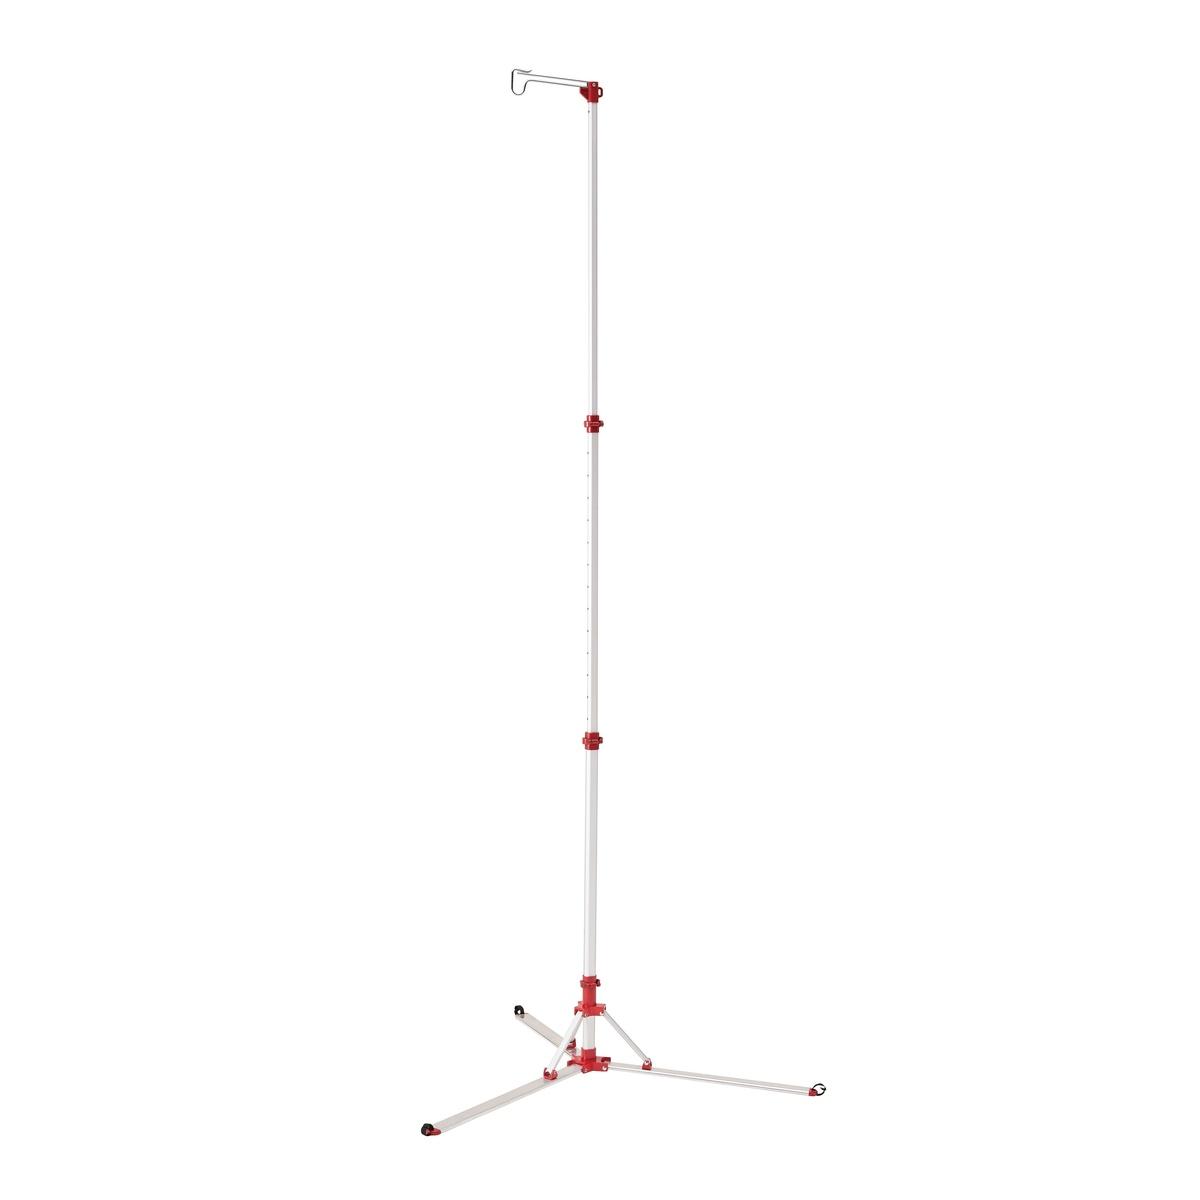 コールマン ブランド激安セール会場 キャンプ用品 おトク ランタン バーナーアクセサリー ランタンスタンド IV COLEMAN IV 2000031266